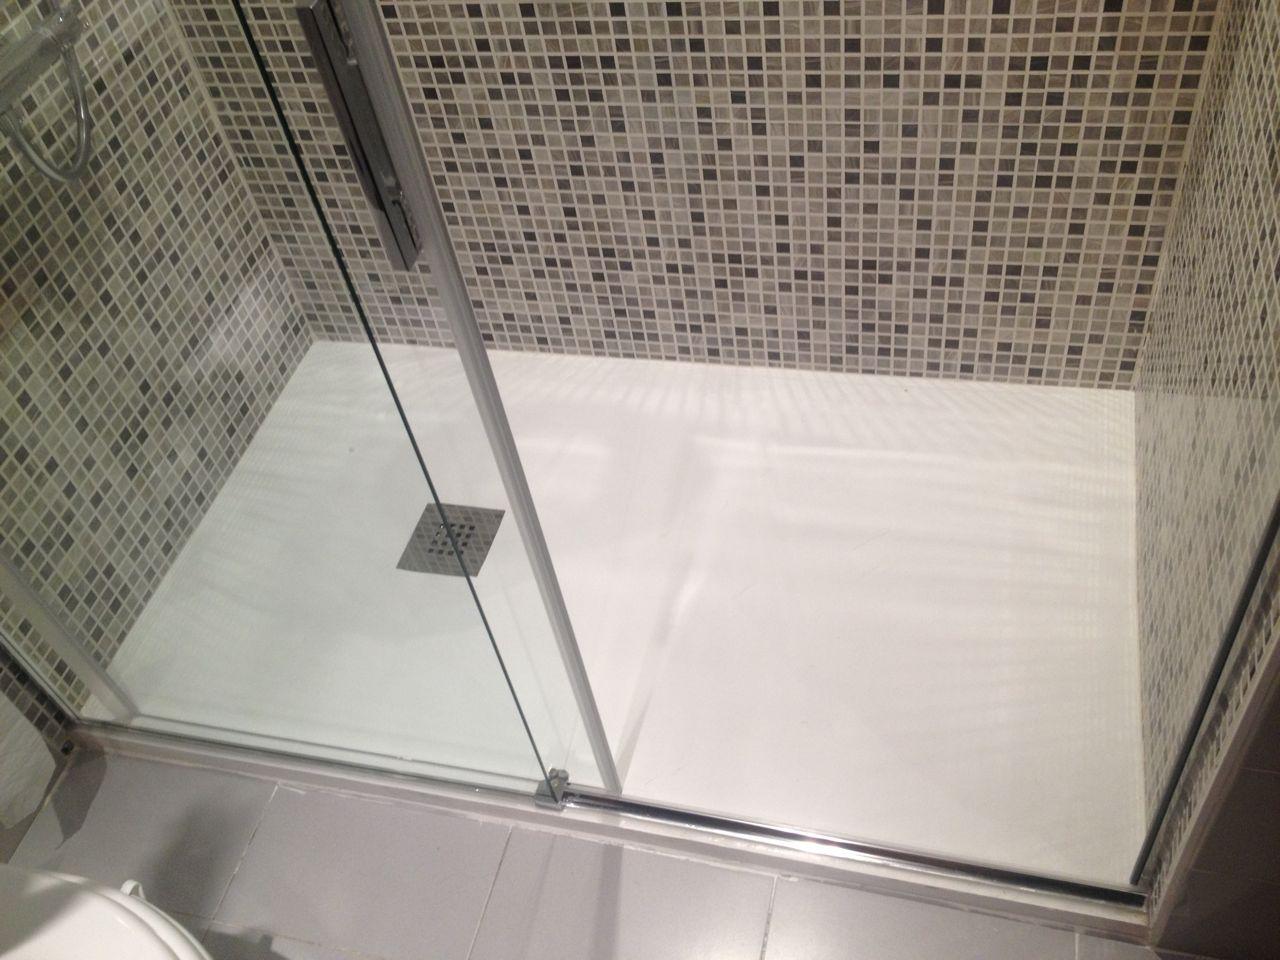 Cambio de ba era por ducha c xabier instal lux - Cambio de banera por ducha madrid ...